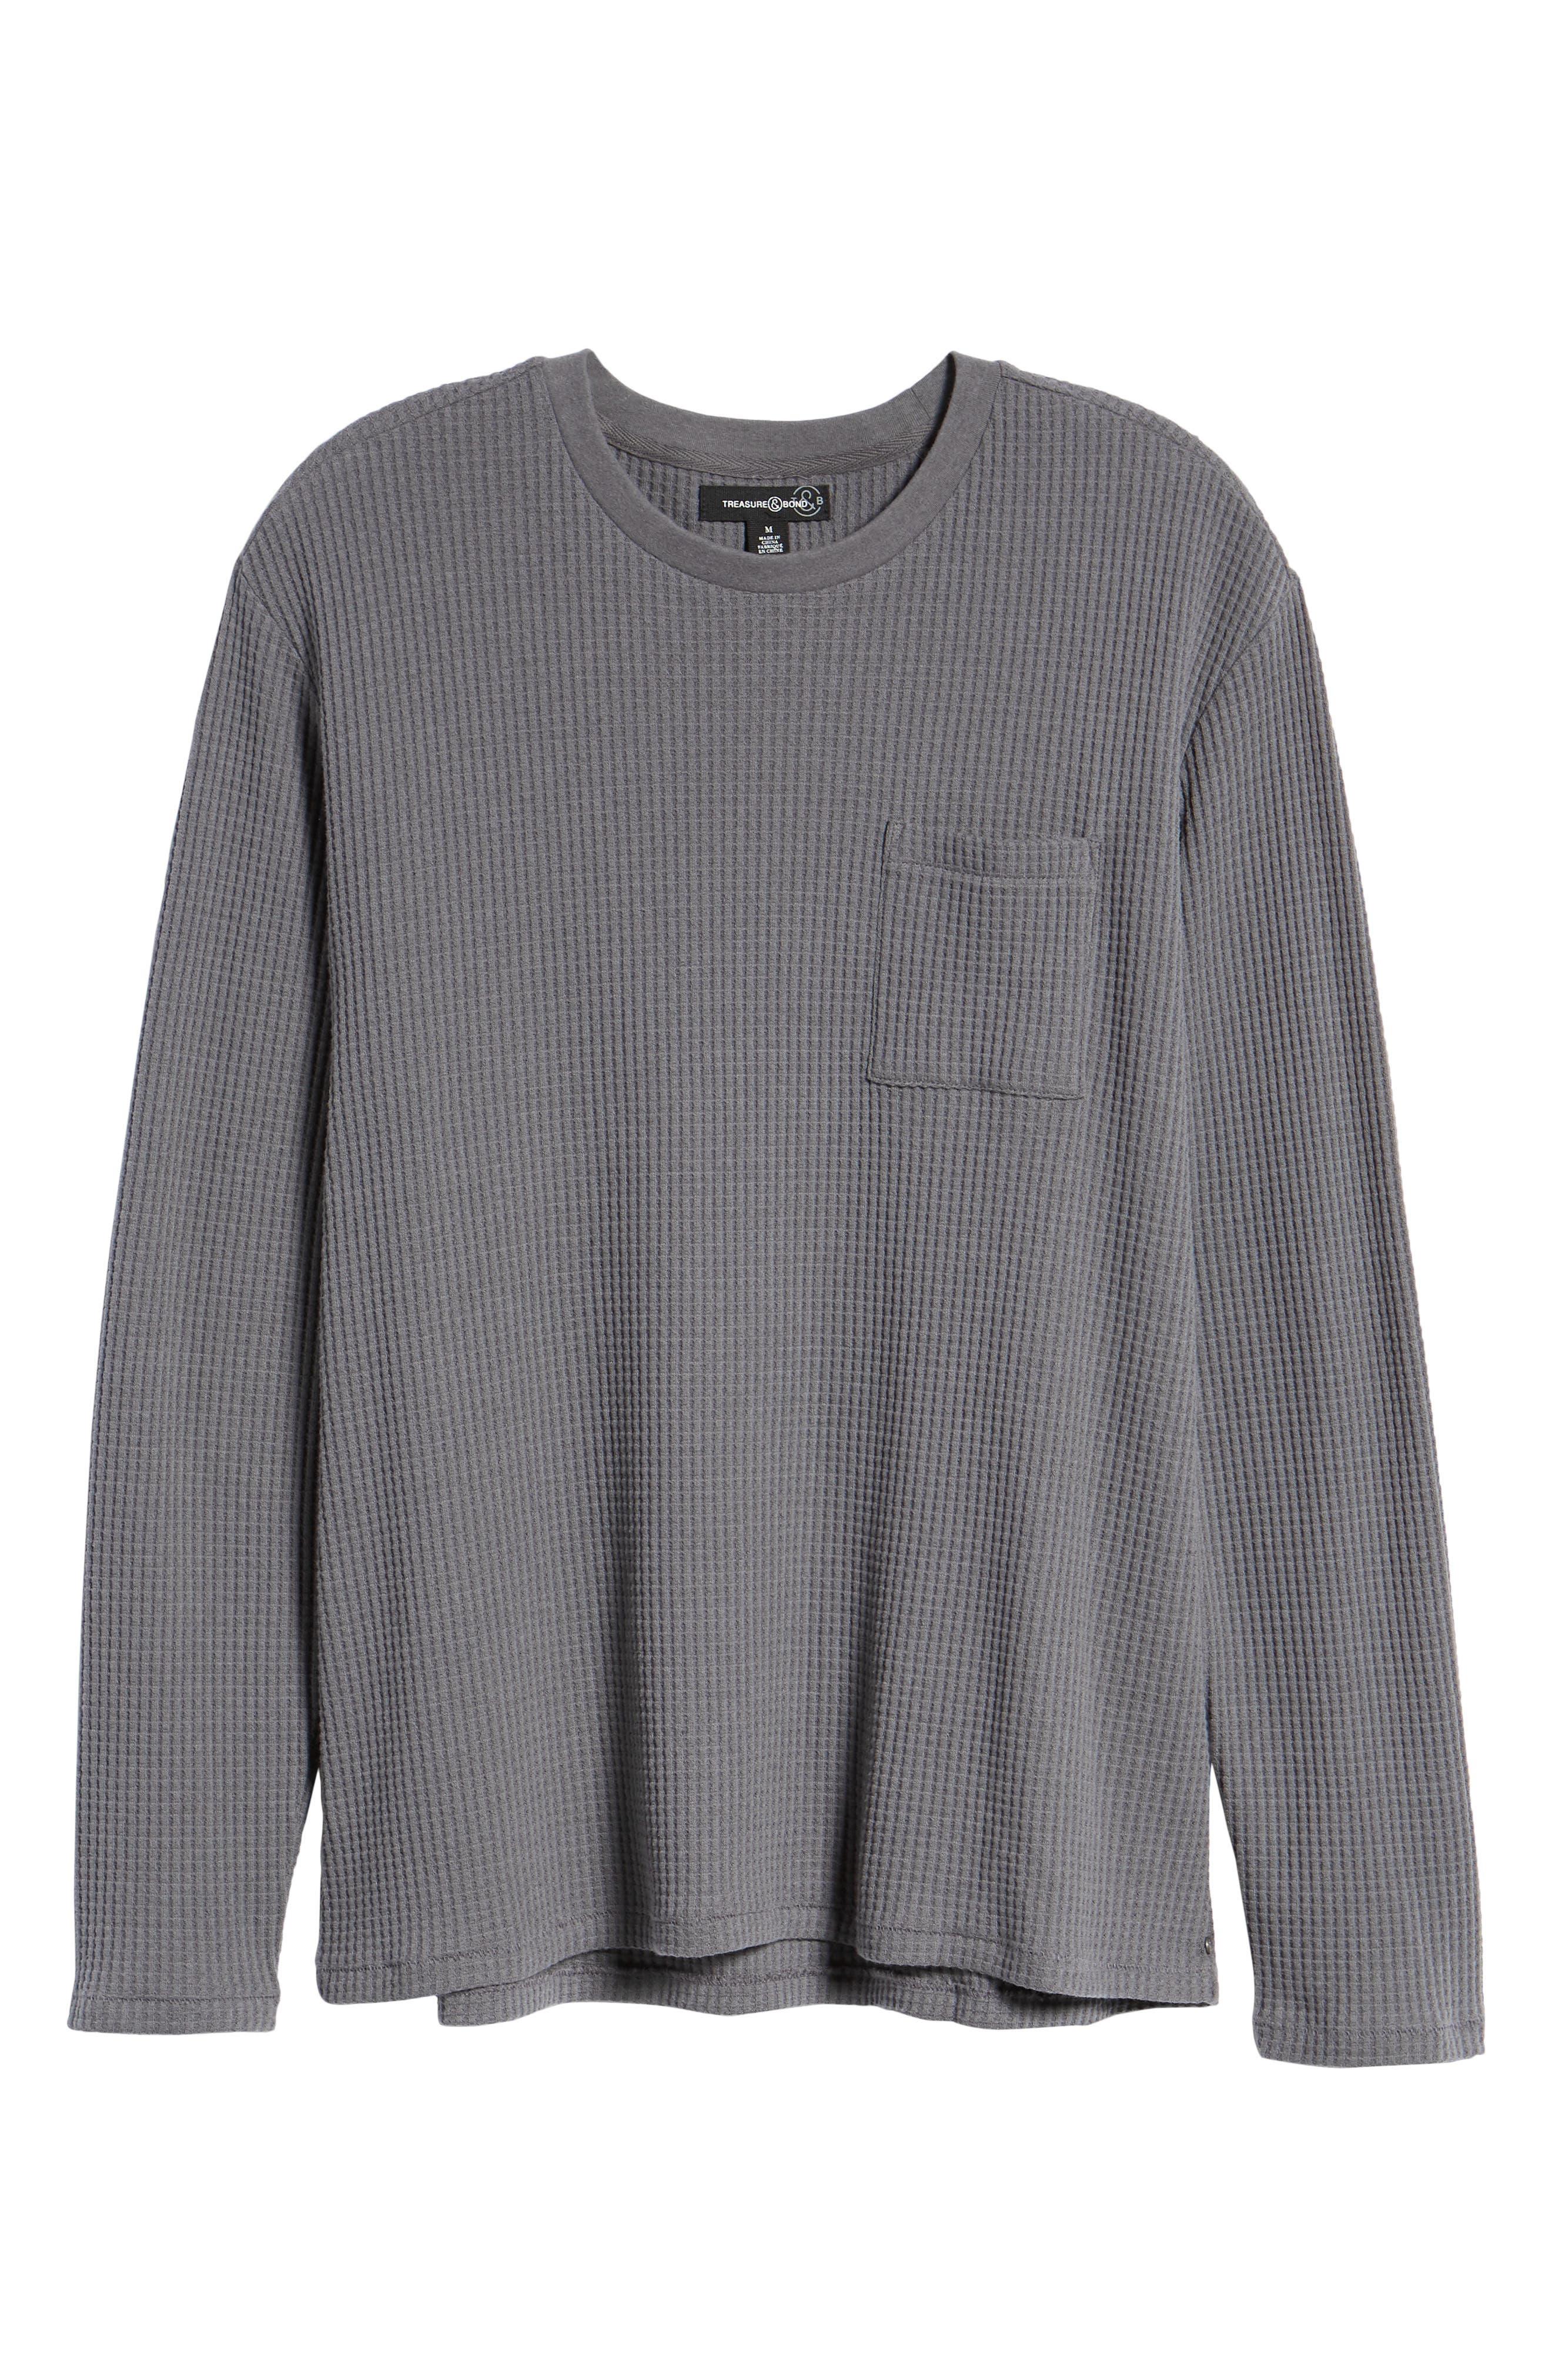 Regular Fit Thermal T-Shirt,                             Alternate thumbnail 6, color,                             GREY TORNADO